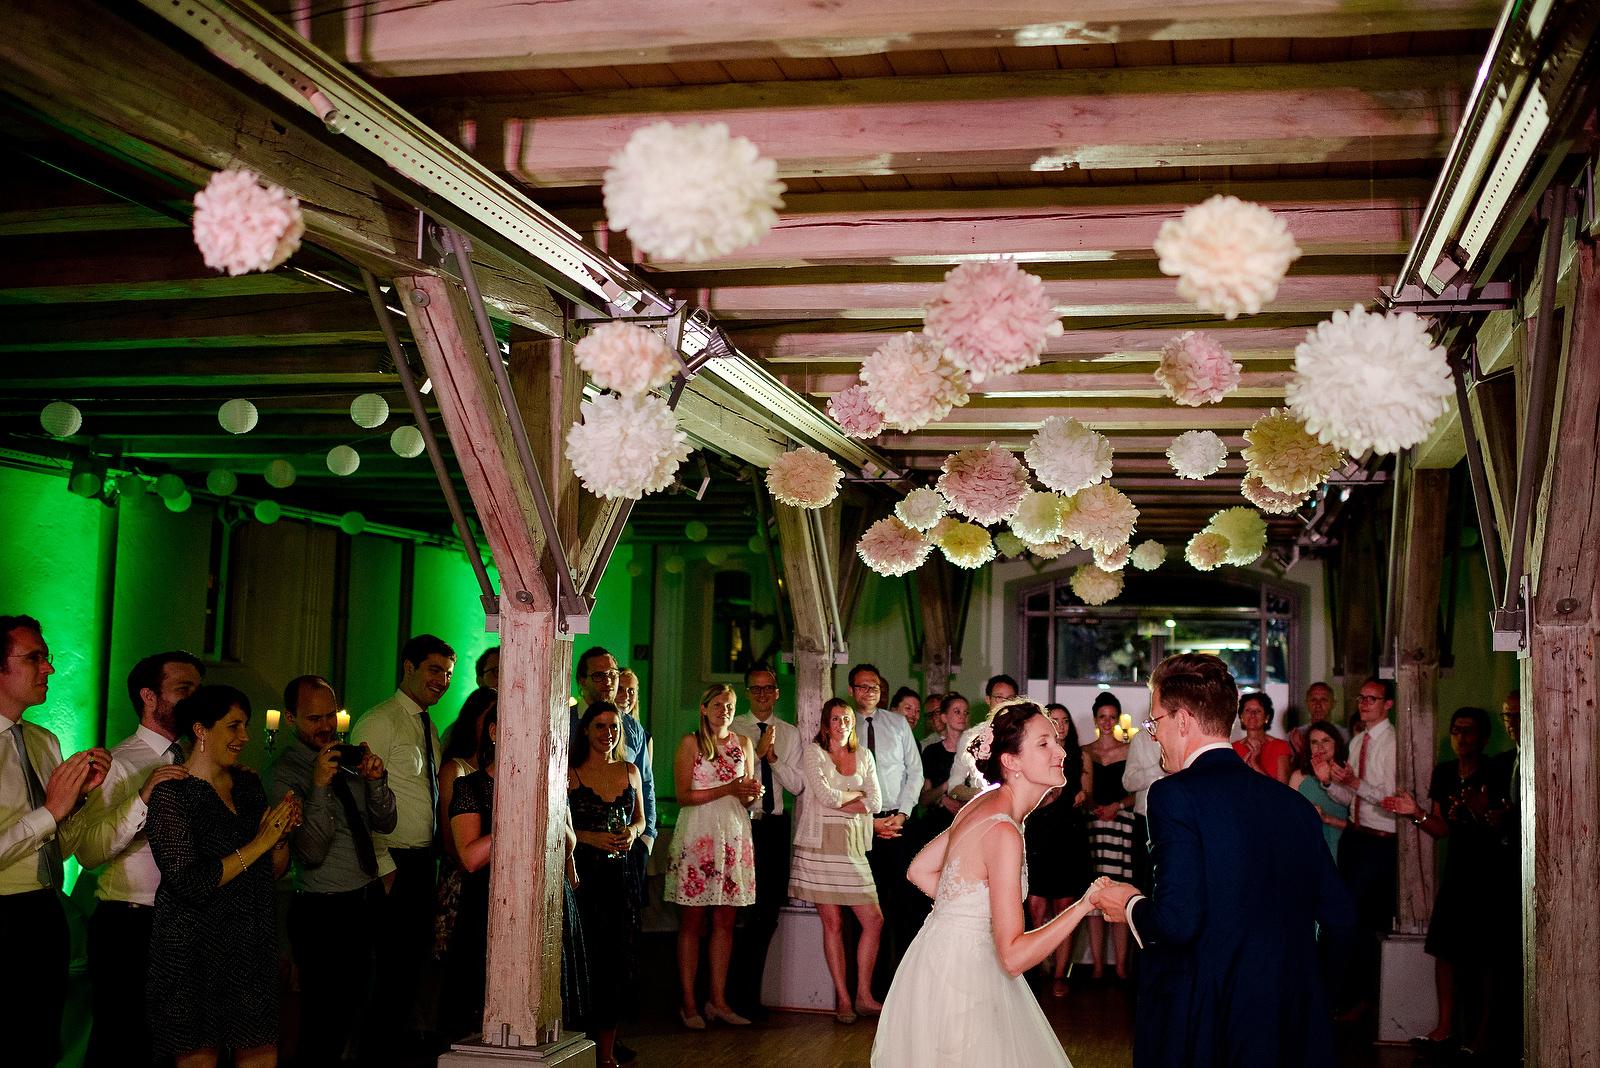 Fotograf Konstanz - Hochzeitsfotograf Bodensee Zollhaus Ludwigshafen Hochzeit Konstanz EFP 138 - Hochzeitsreportage im Zollhaus in Bodman-Ludwigshafen, Bodensee  - 239 -